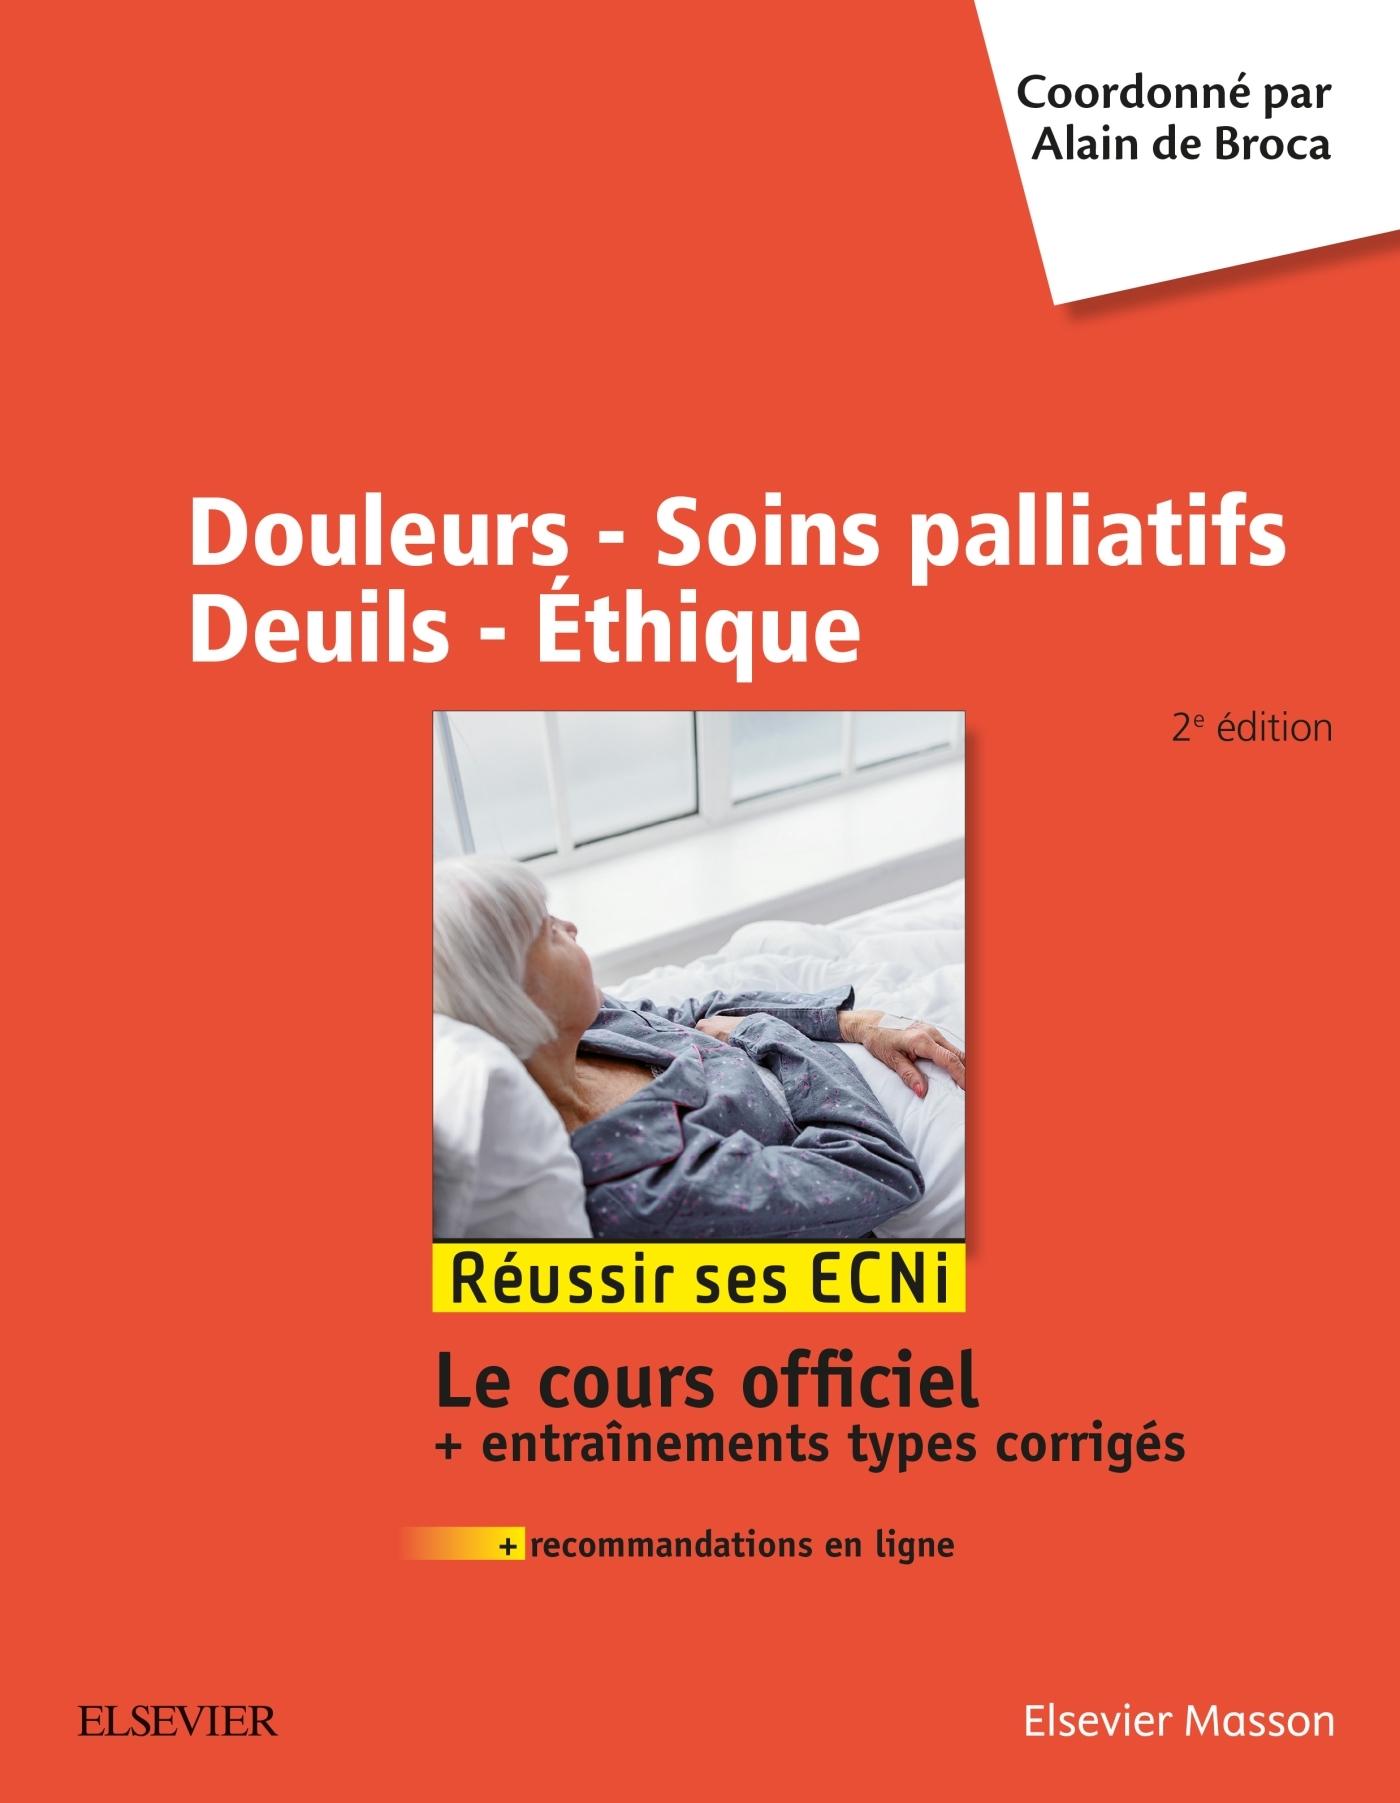 DOULEURS - SOINS PALLIATIFS - DEUILS - ETHIQUE - REUSSIR LES ECNI